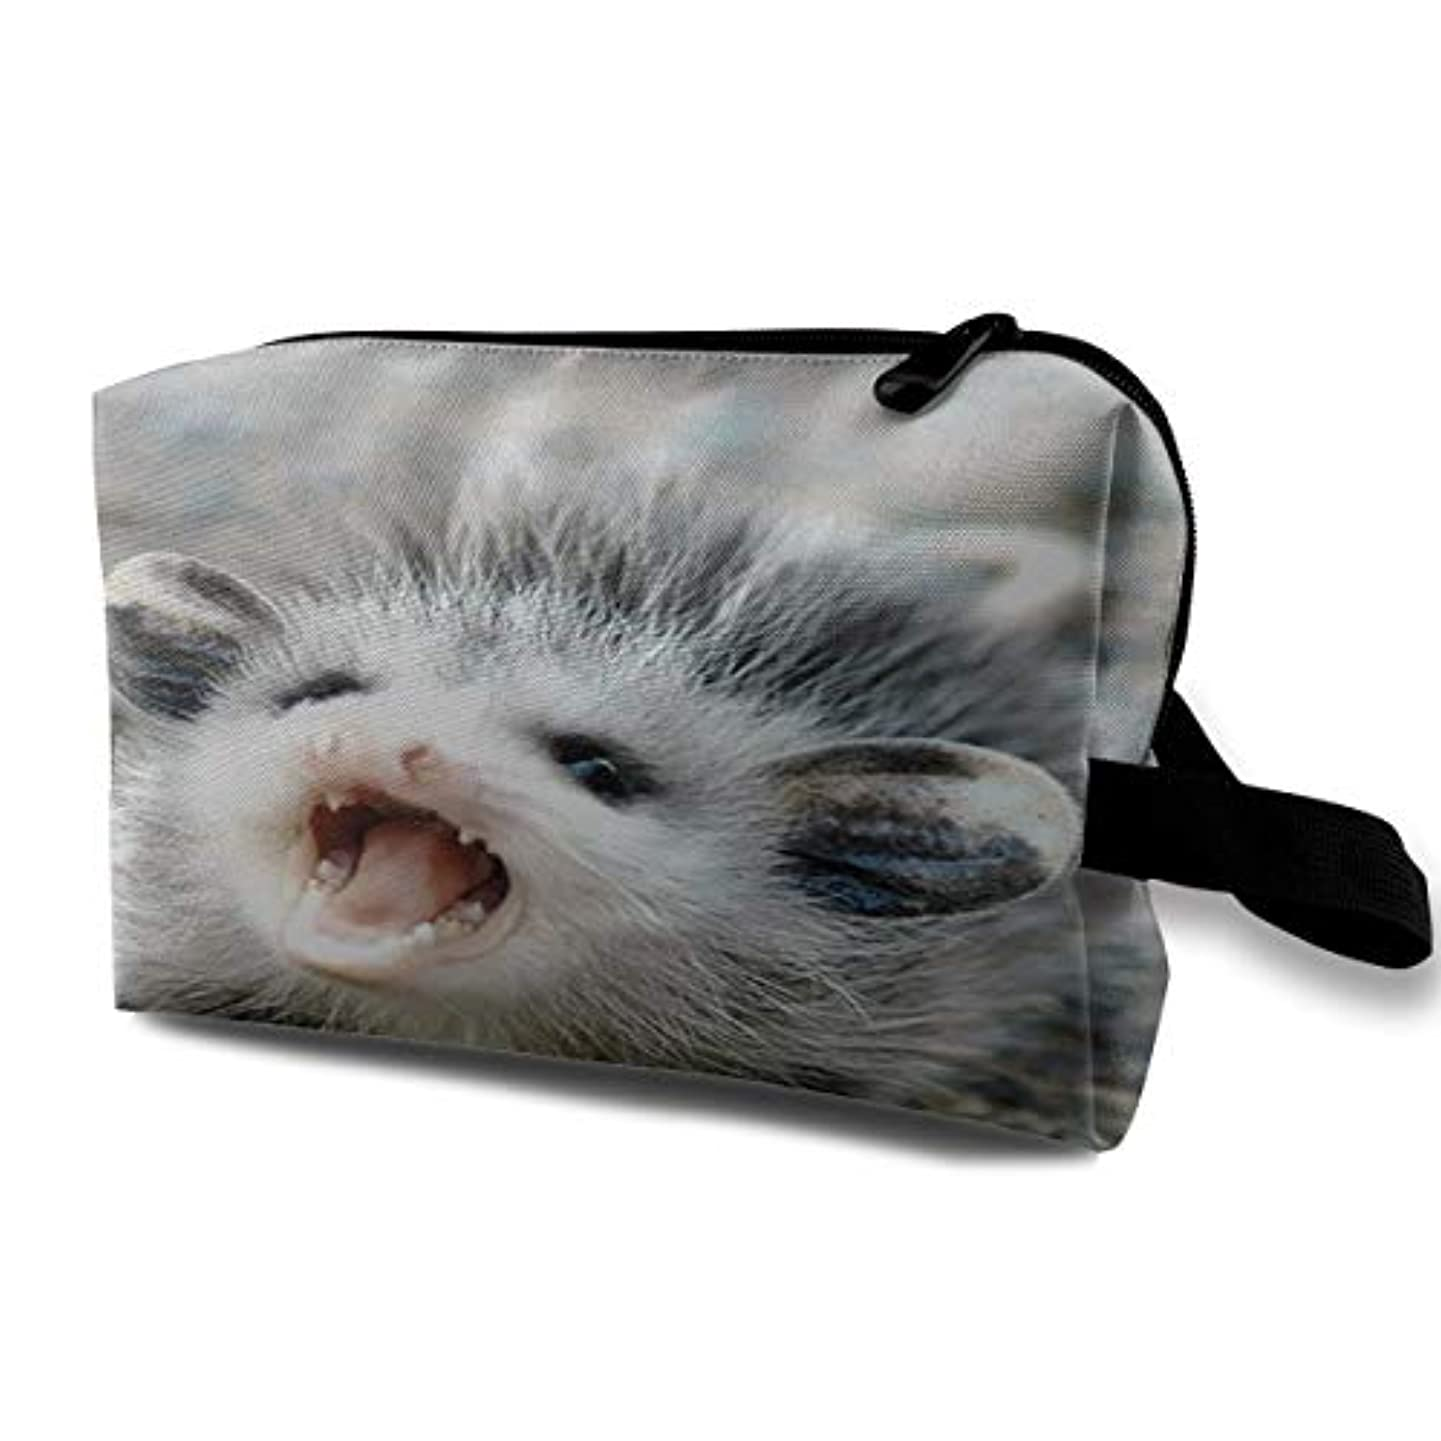 ポットスパン責任Baby Possum 収納ポーチ 化粧ポーチ 大容量 軽量 耐久性 ハンドル付持ち運び便利。入れ 自宅?出張?旅行?アウトドア撮影などに対応。メンズ レディース トラベルグッズ